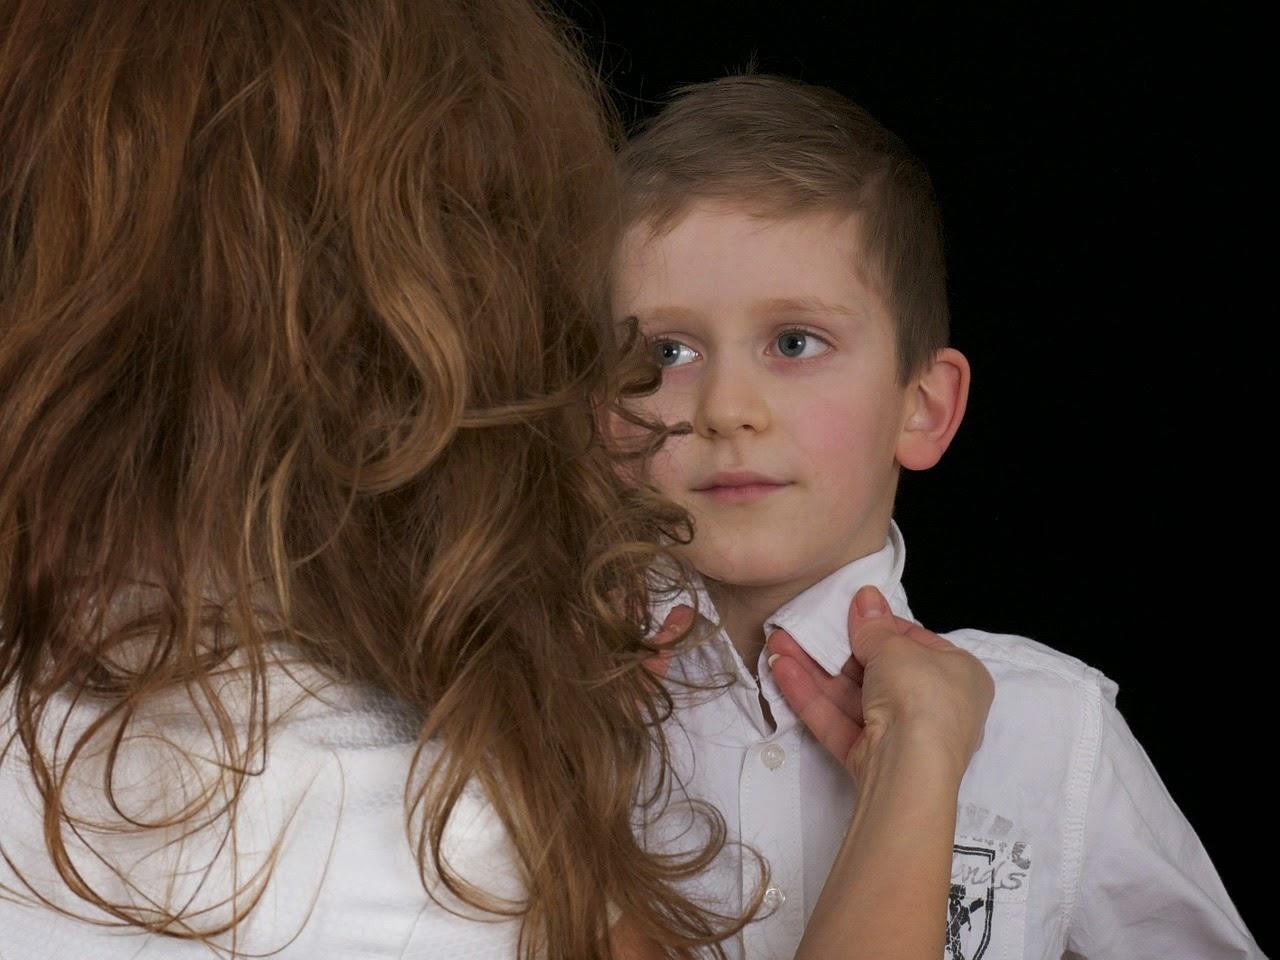 Mutter hilft Kind beim Anziehen